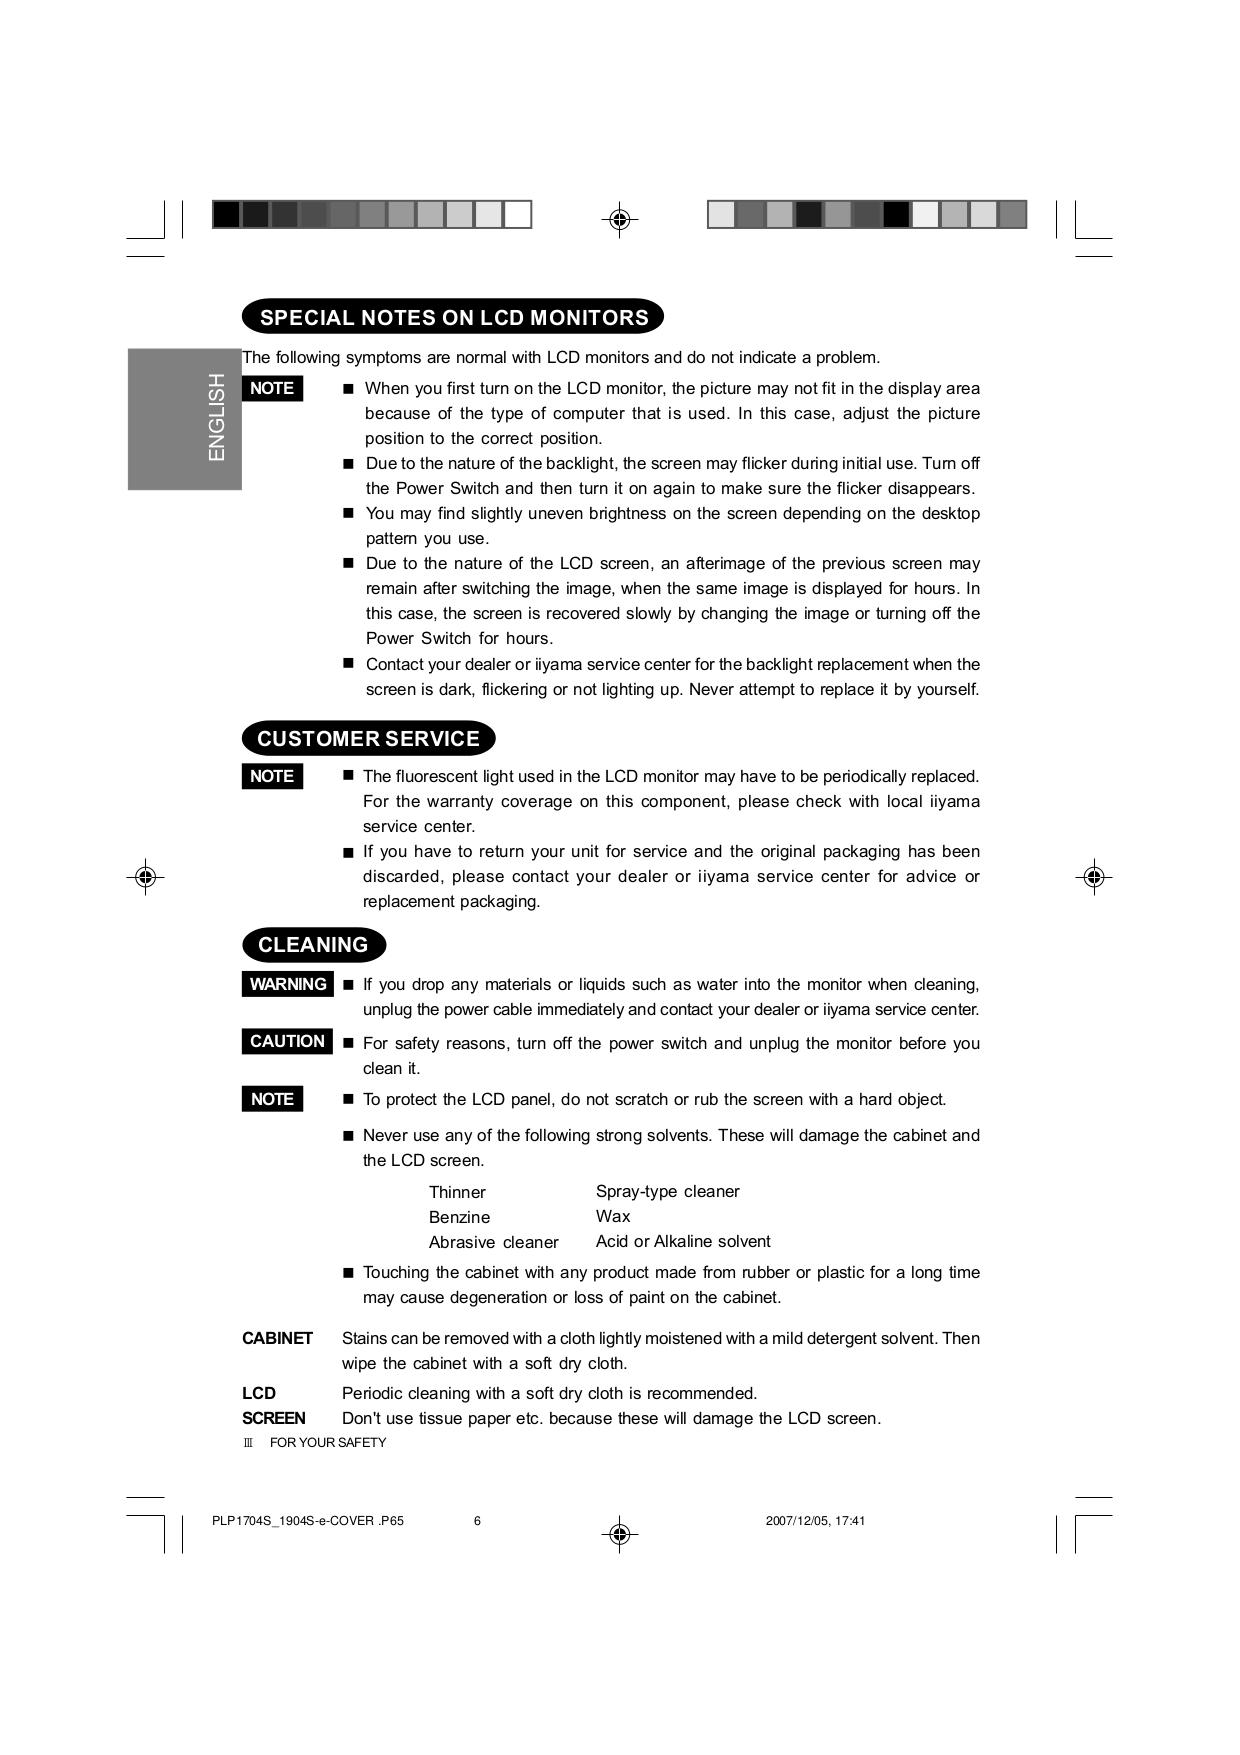 Kenmore 164 69620 Manual Ebook